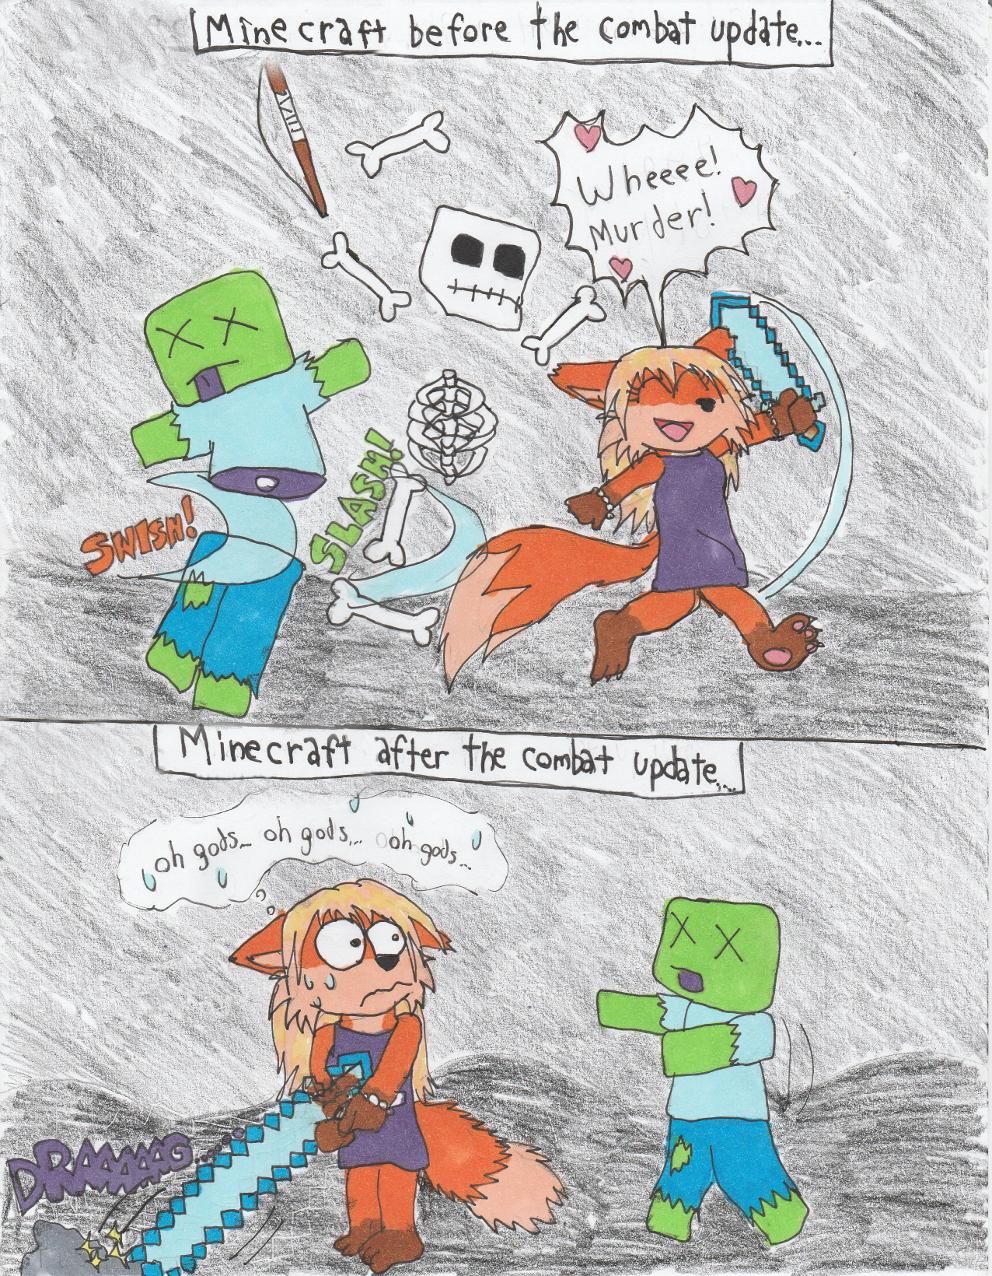 Minecraft-keep on swingin!